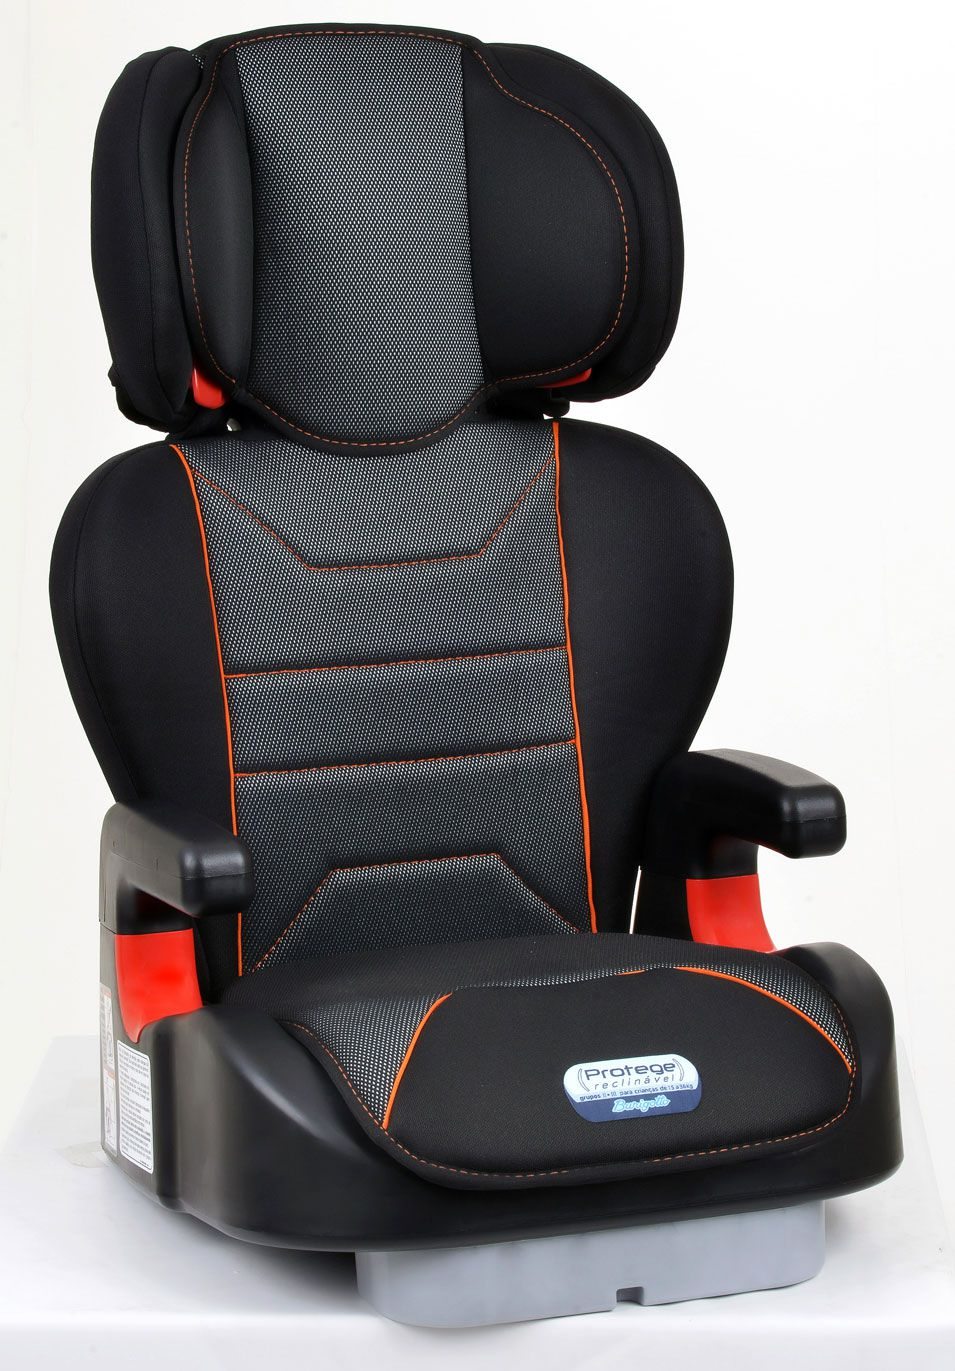 Cadeira Protege Reclinavel California - Burigotto Ref 3041